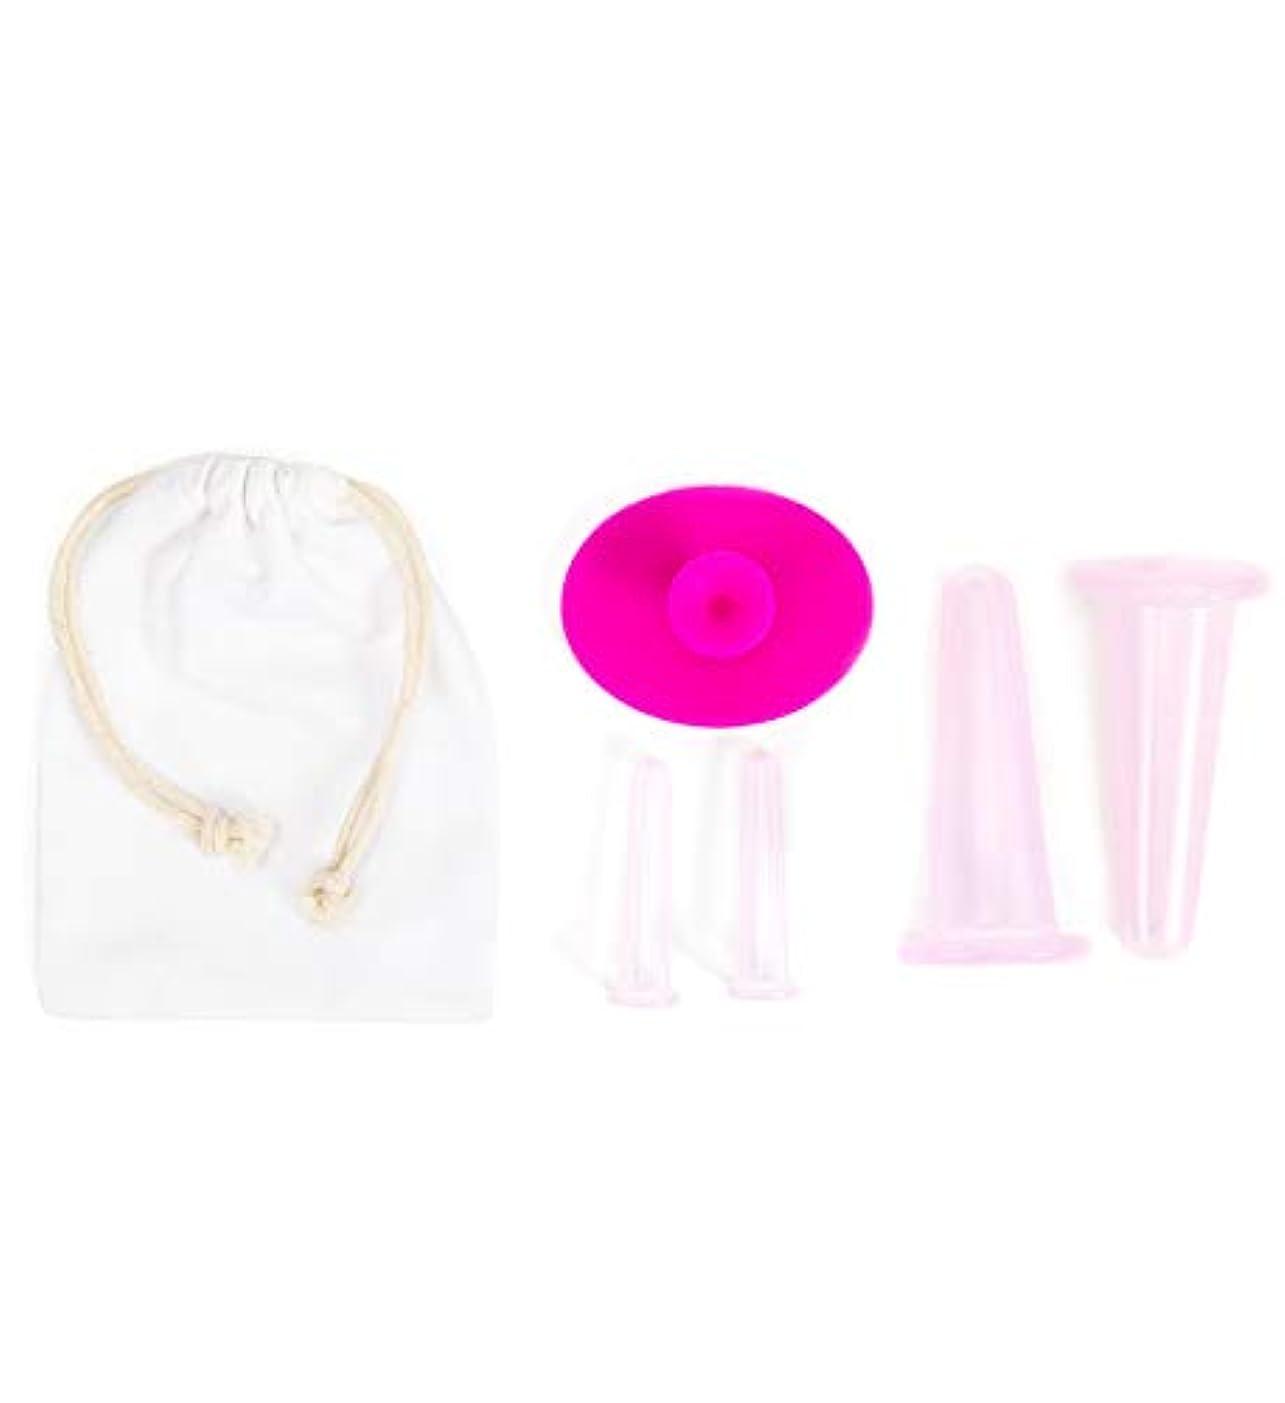 サリー花に水をやる玉シリコーンカッピング 医療 シリコーンマッサージ 改善のため 代謝を促進する 真空吸い玉 5個セット ピンク フェイス ネック バックアイ